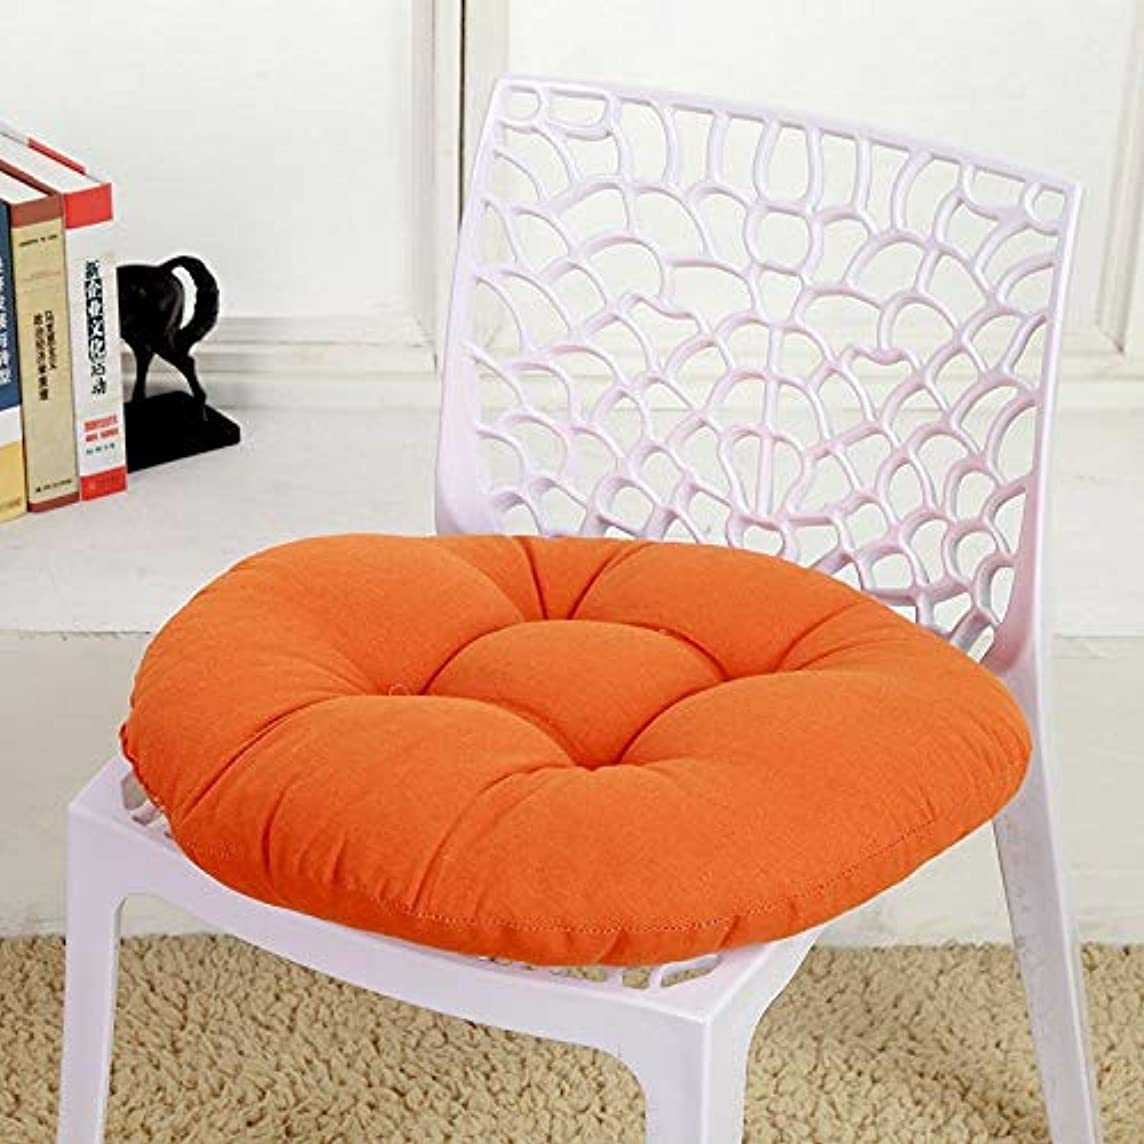 休暇オーバーヘッド薬用SMART キャンディカラーのクッションラウンドシートクッション波ウィンドウシートクッションクッション家の装飾パッドラウンド枕シート枕椅子座る枕 クッション 椅子